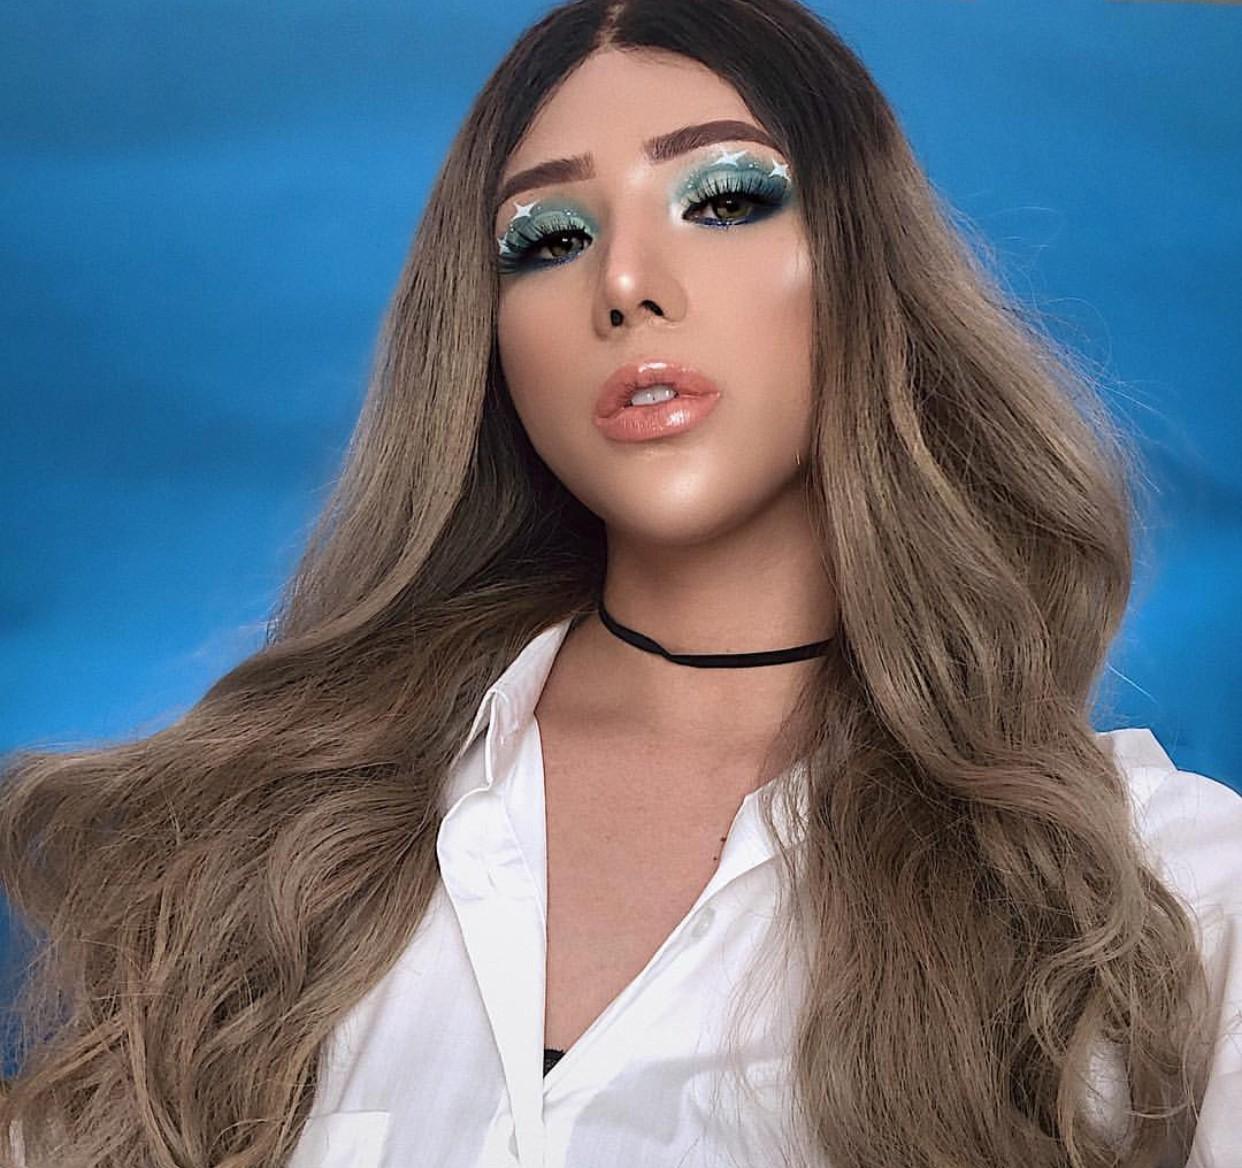 Làm quen với hội bạn thân mới nổi trên Youtube: Đều là beauty blogger, trong đó có 2 nhân vật vô cùng đặc biệt - Ảnh 22.